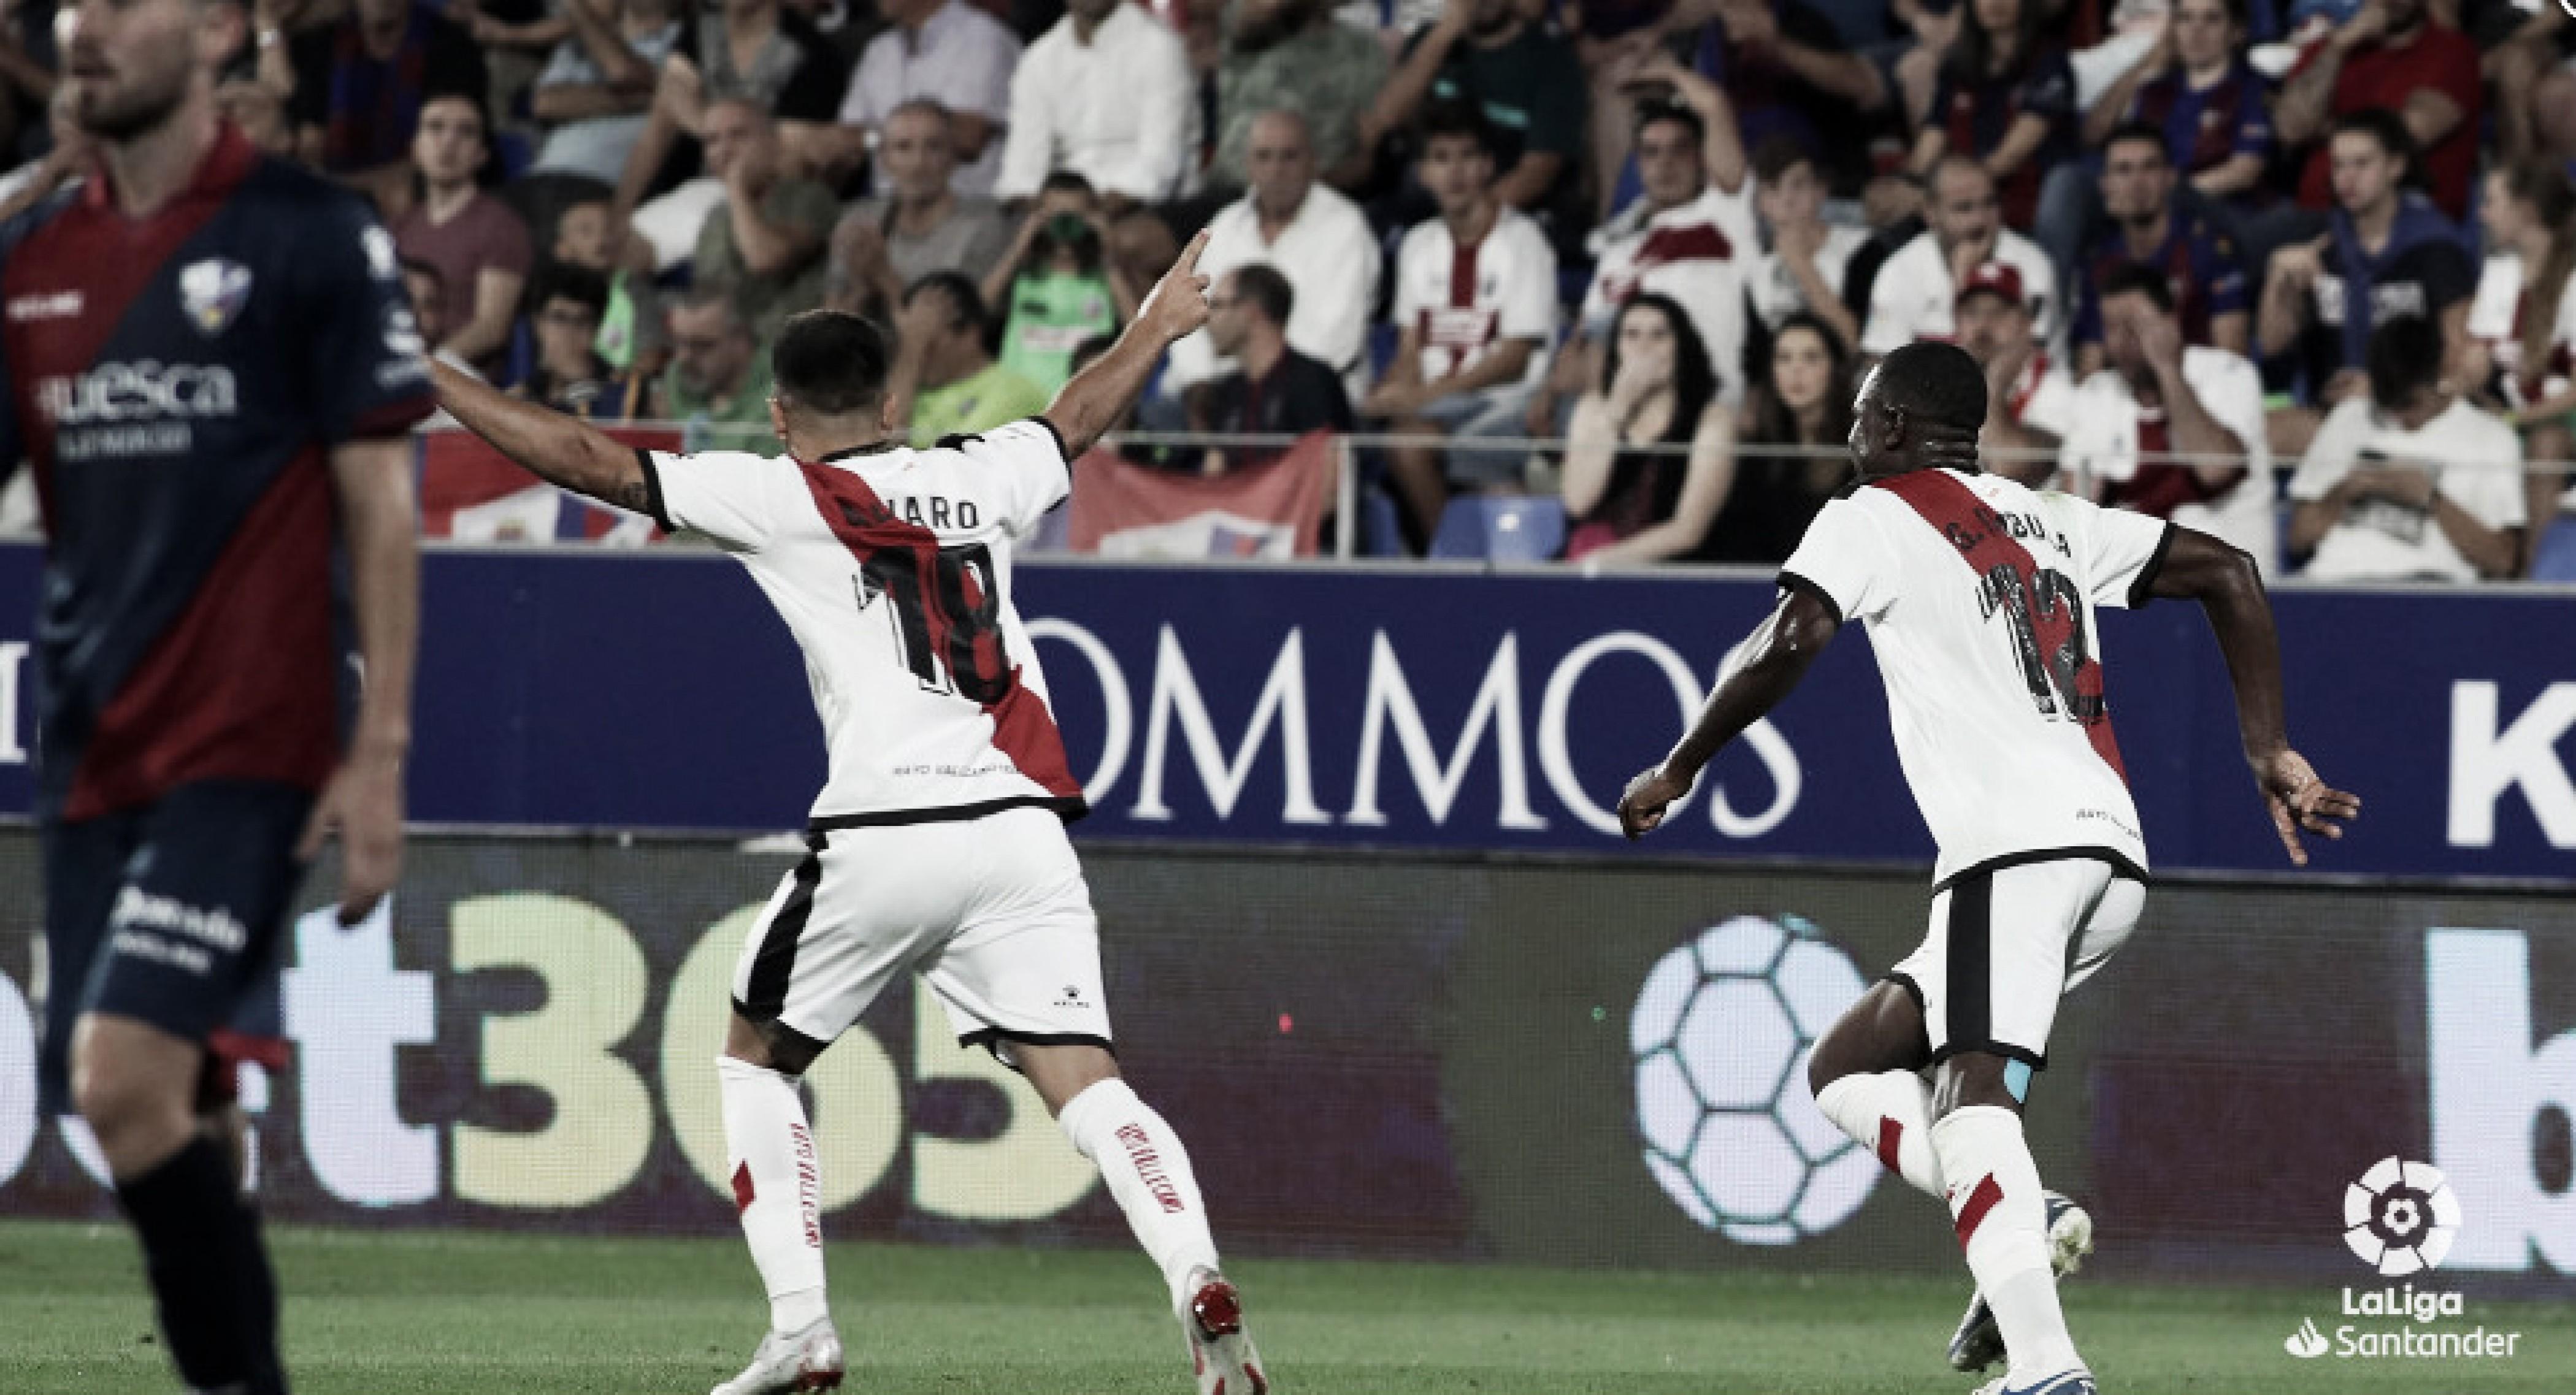 El Rayo Vallecano consigue su primera victoria